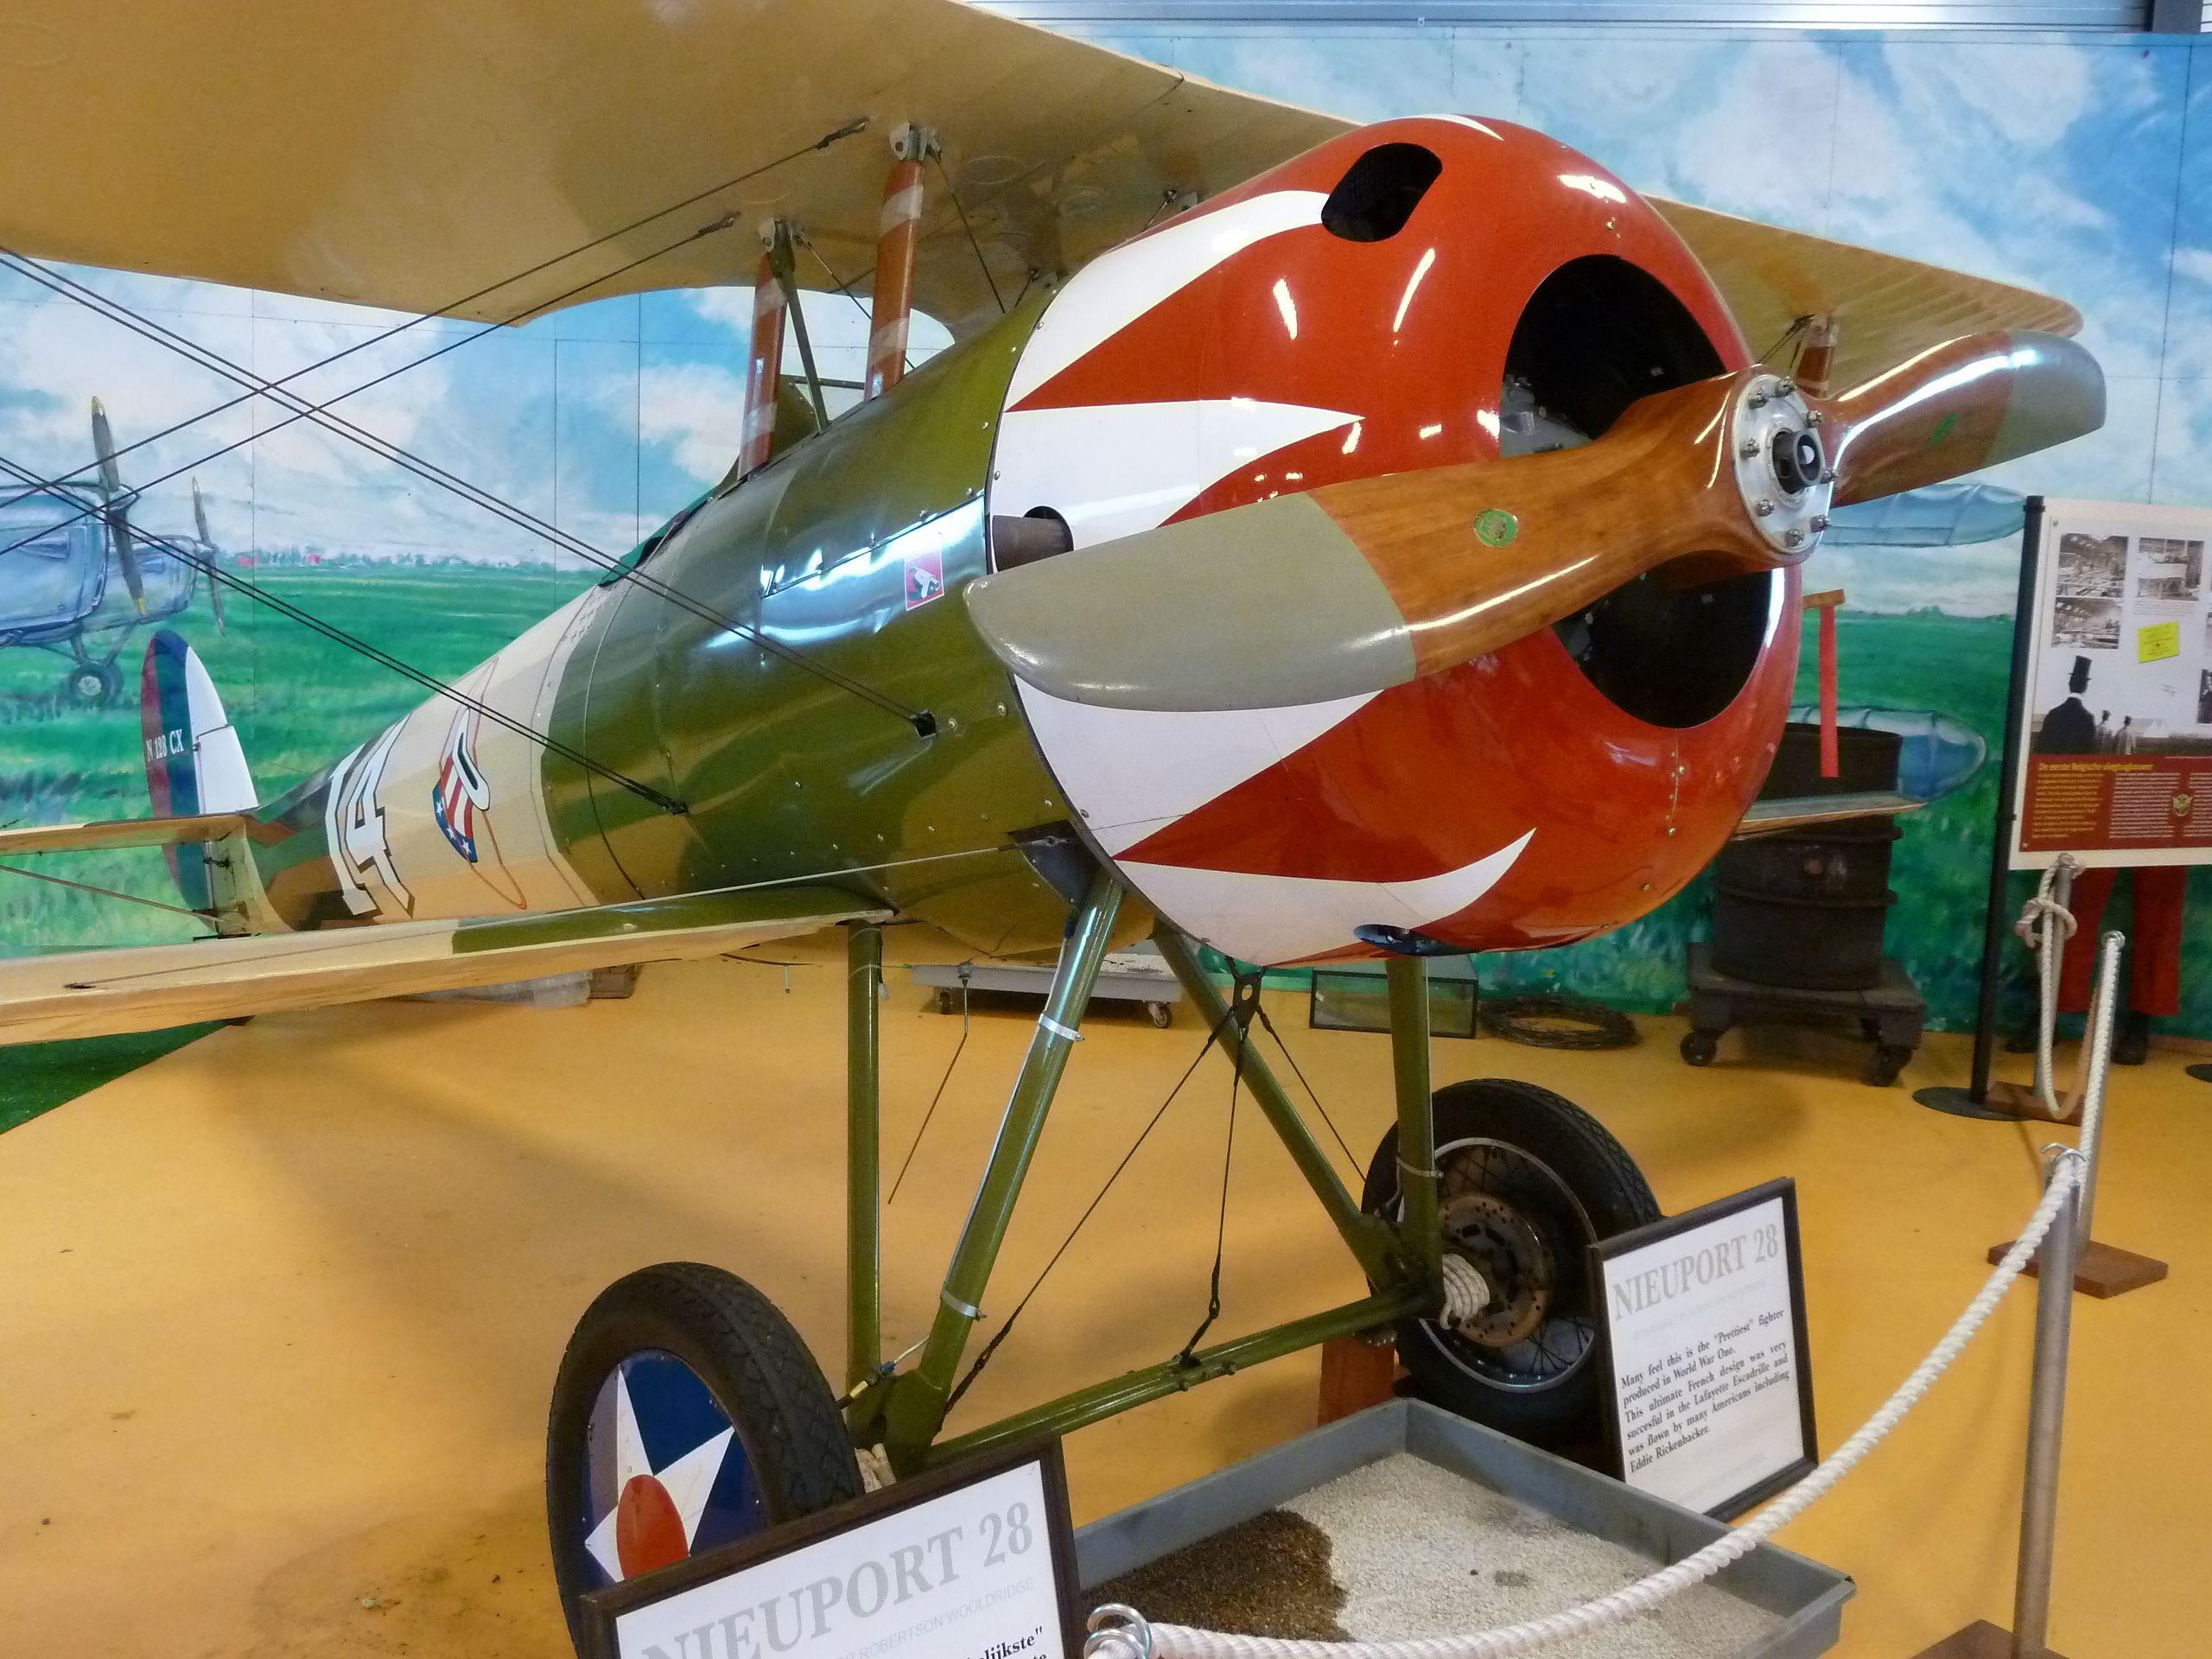 Nieuport 28, Stampe Vertongen museum Antwerp Belgium. All planes still can fly. Januari 2014